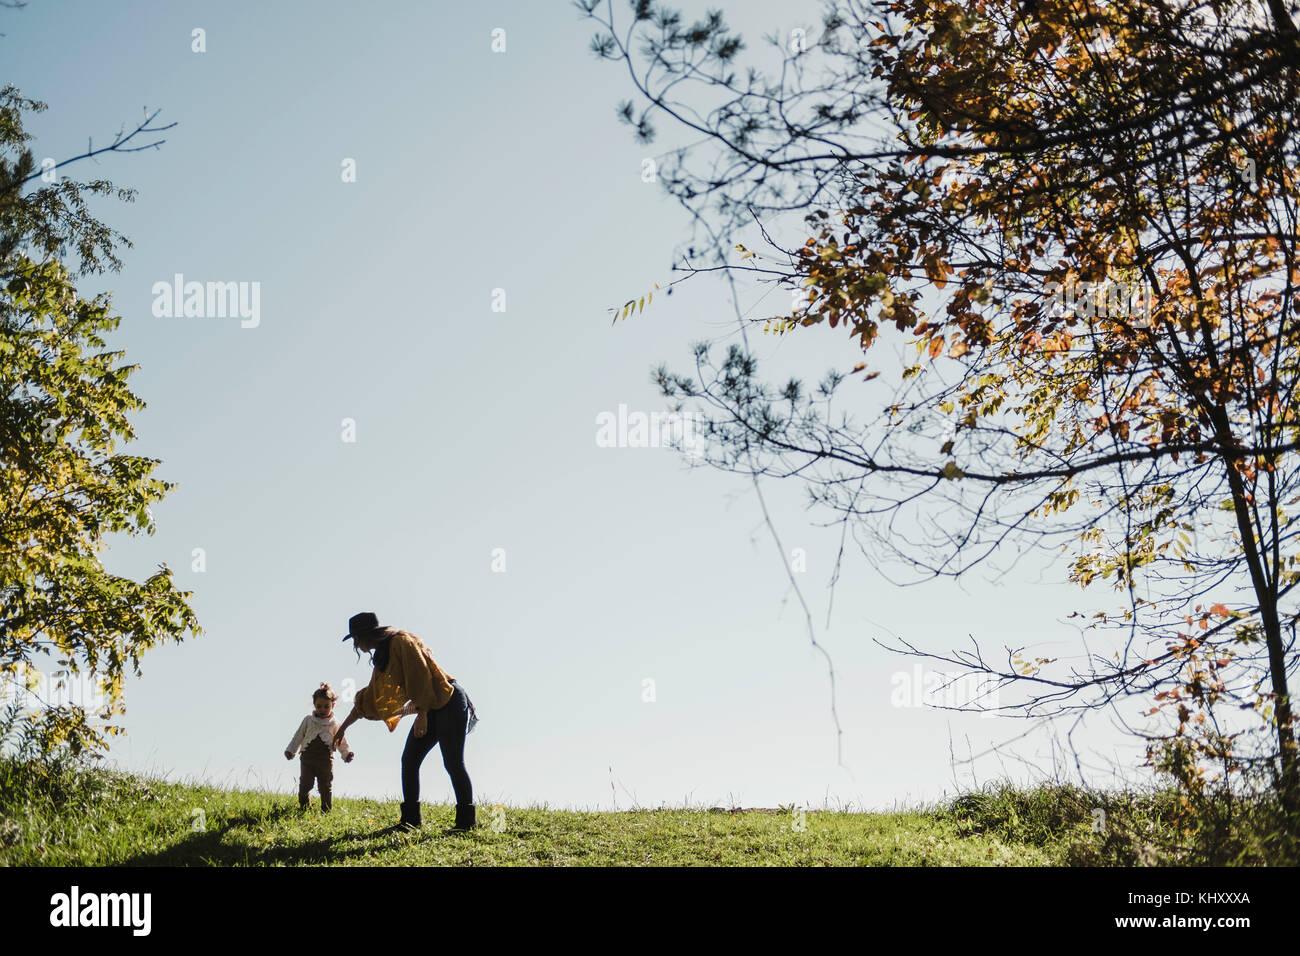 La madre y la niña en la colina, Oshawa, Canadá, Norteamérica Imagen De Stock